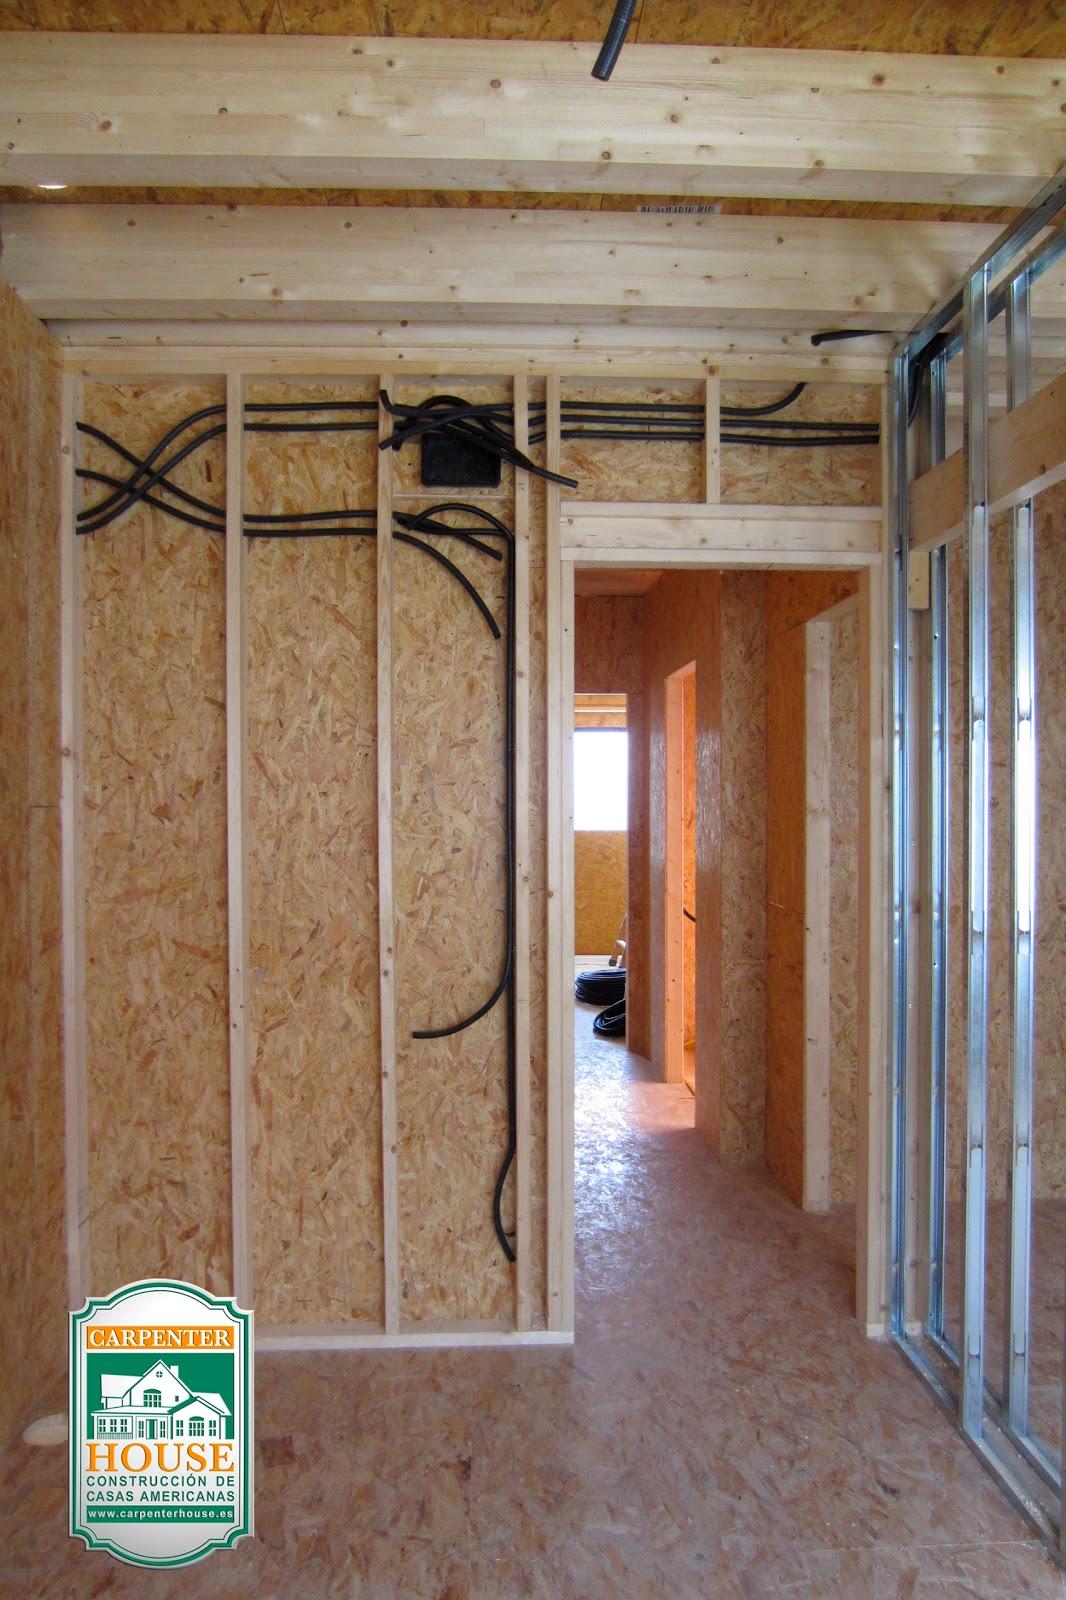 Carpenter house 6 parte construcci n casa pareada en - Instalacion electrica exterior ...